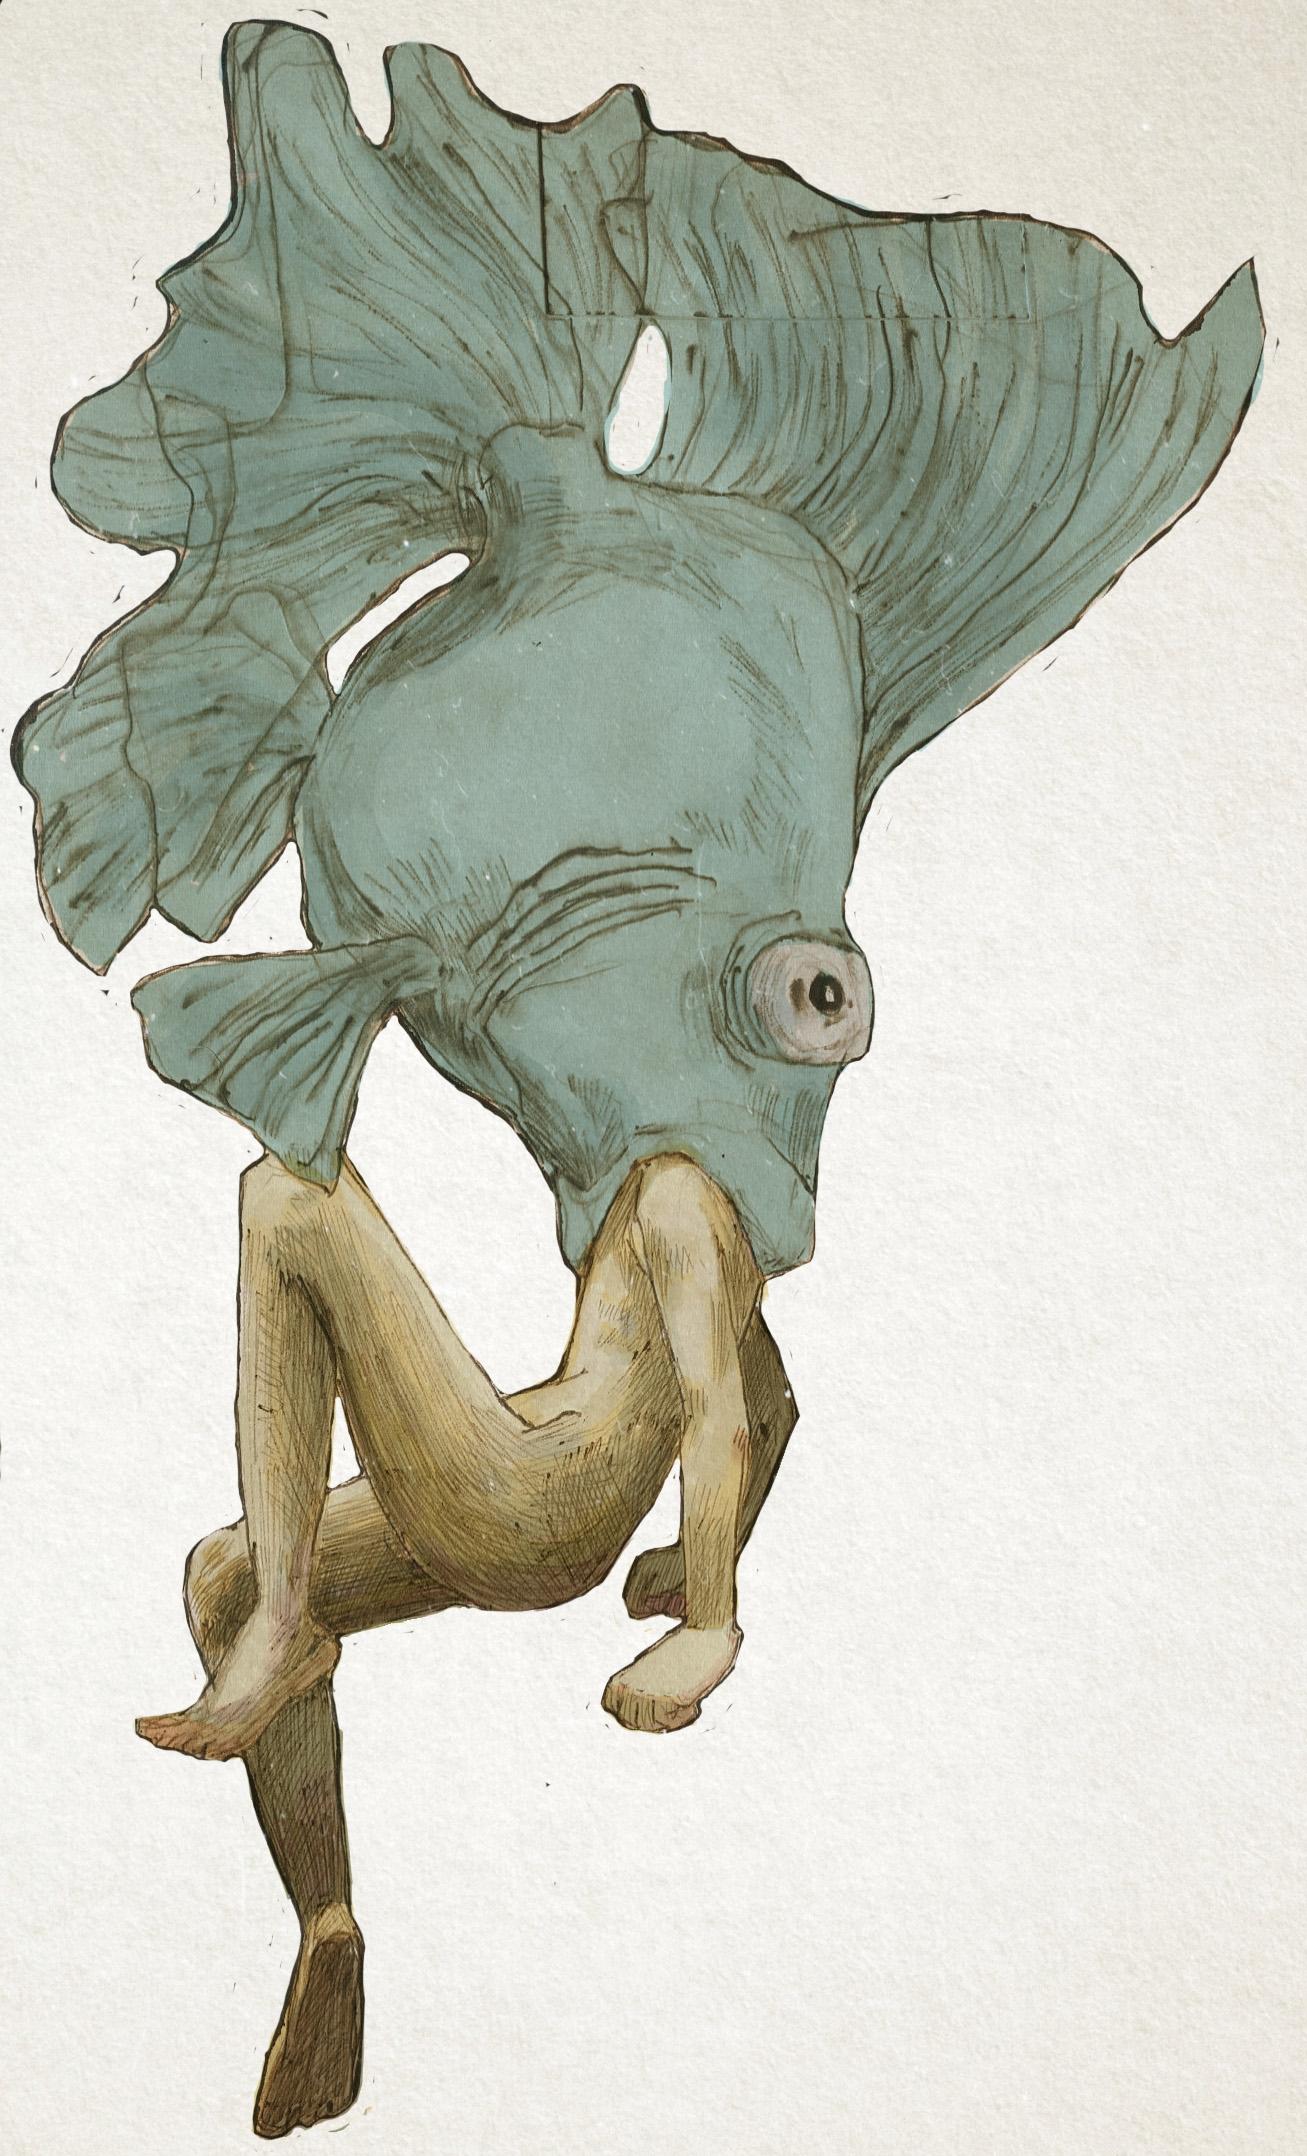 fish - digitalart, surreal, girls - karlotta | ello